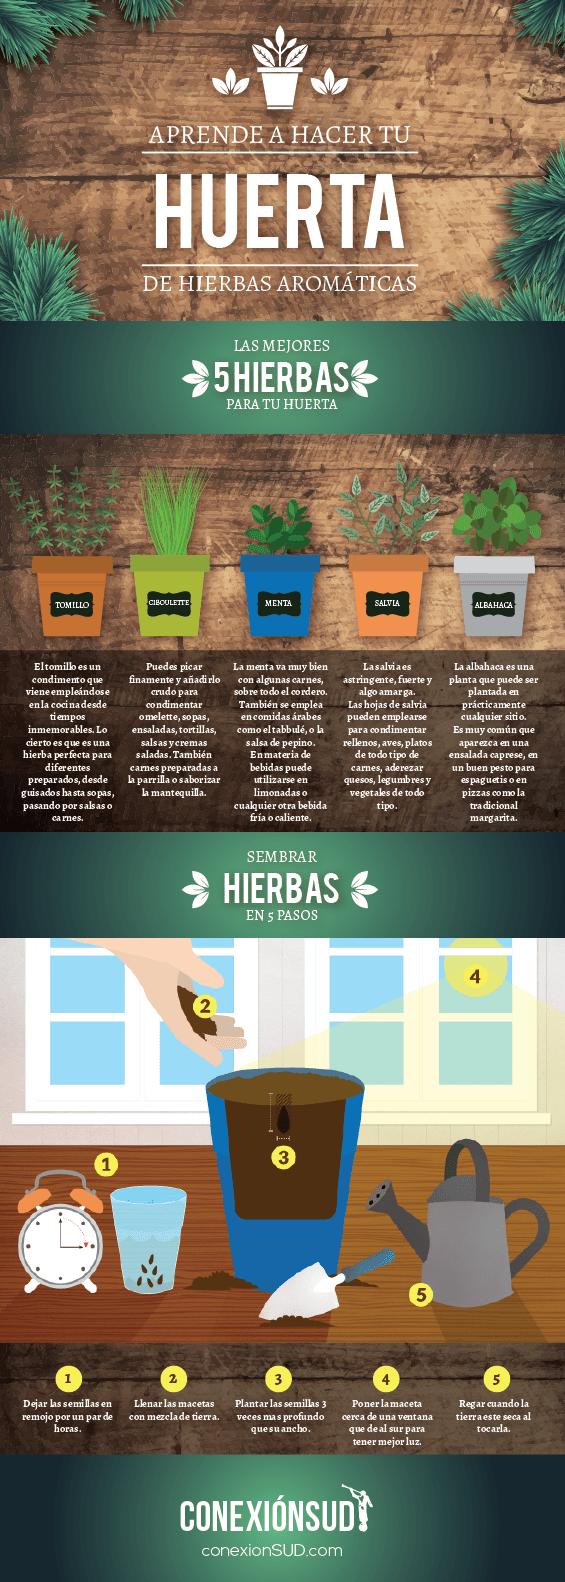 hacer una huerta de hierbas aromaticas - conexionsud